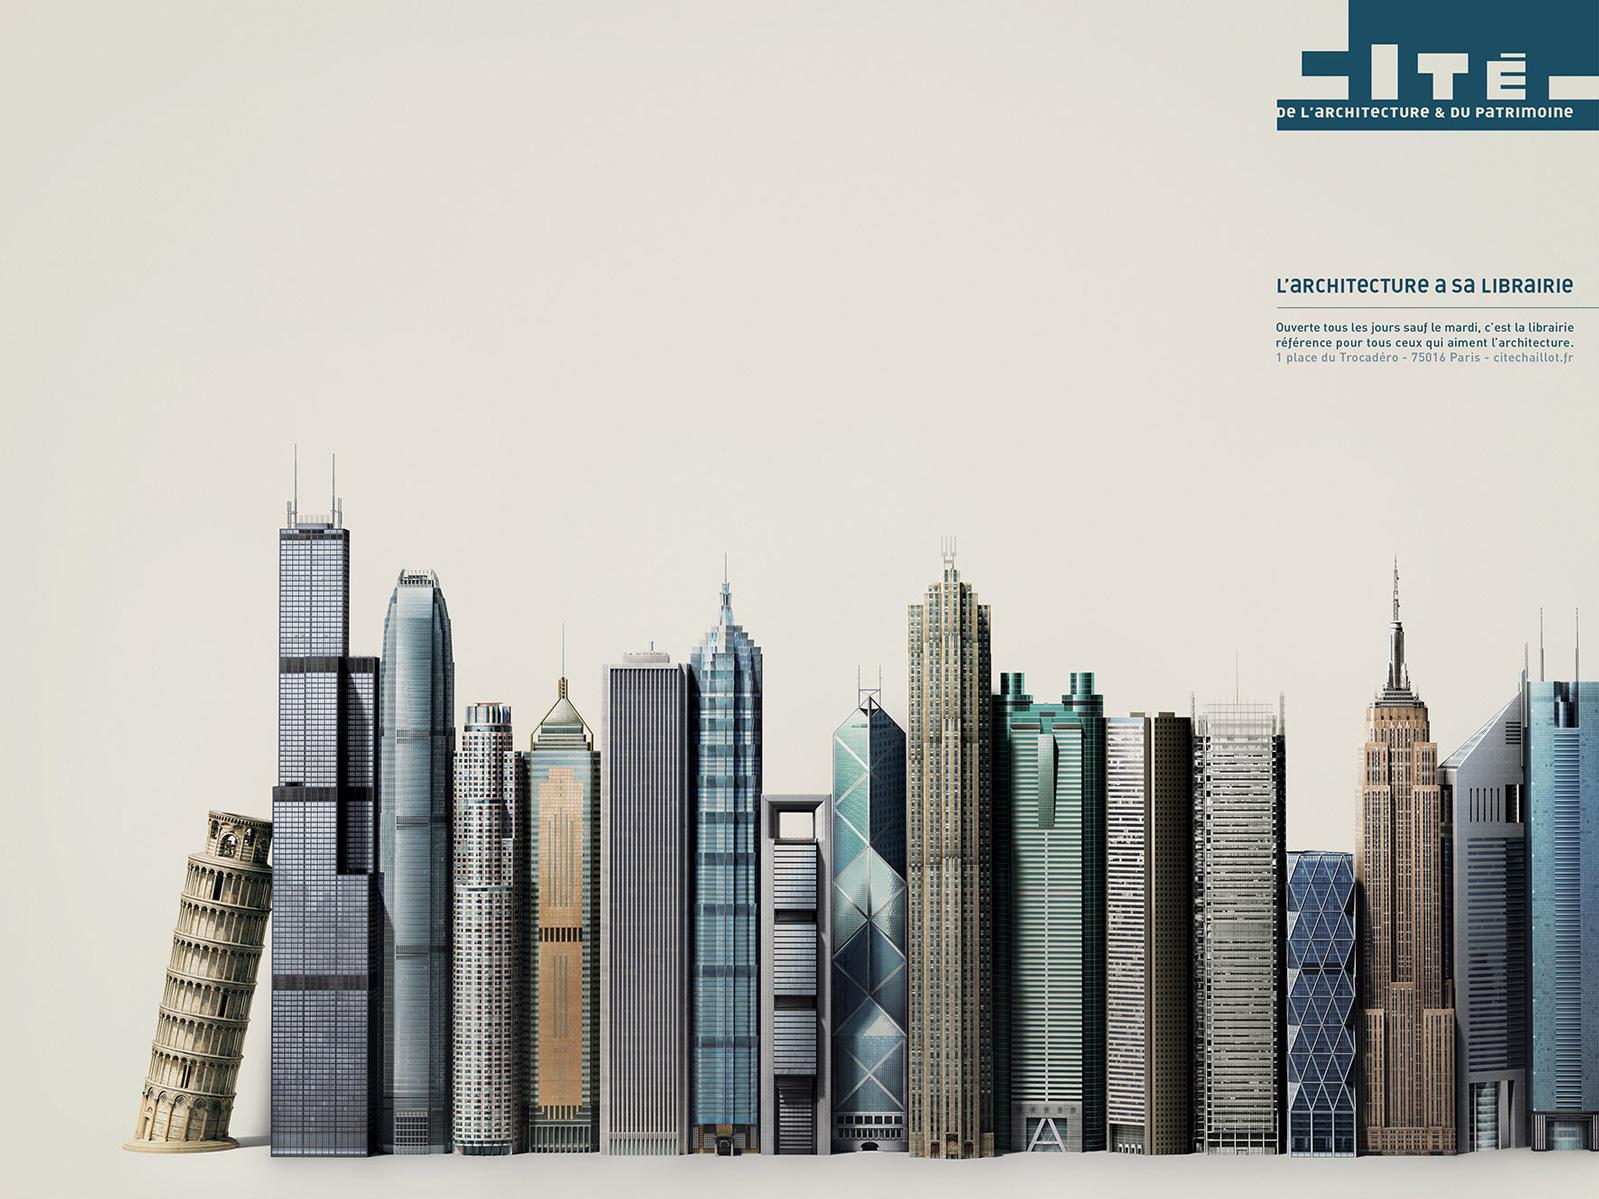 Campagne d 39 affichage mai 2015 cit de l 39 architecture for L architecture